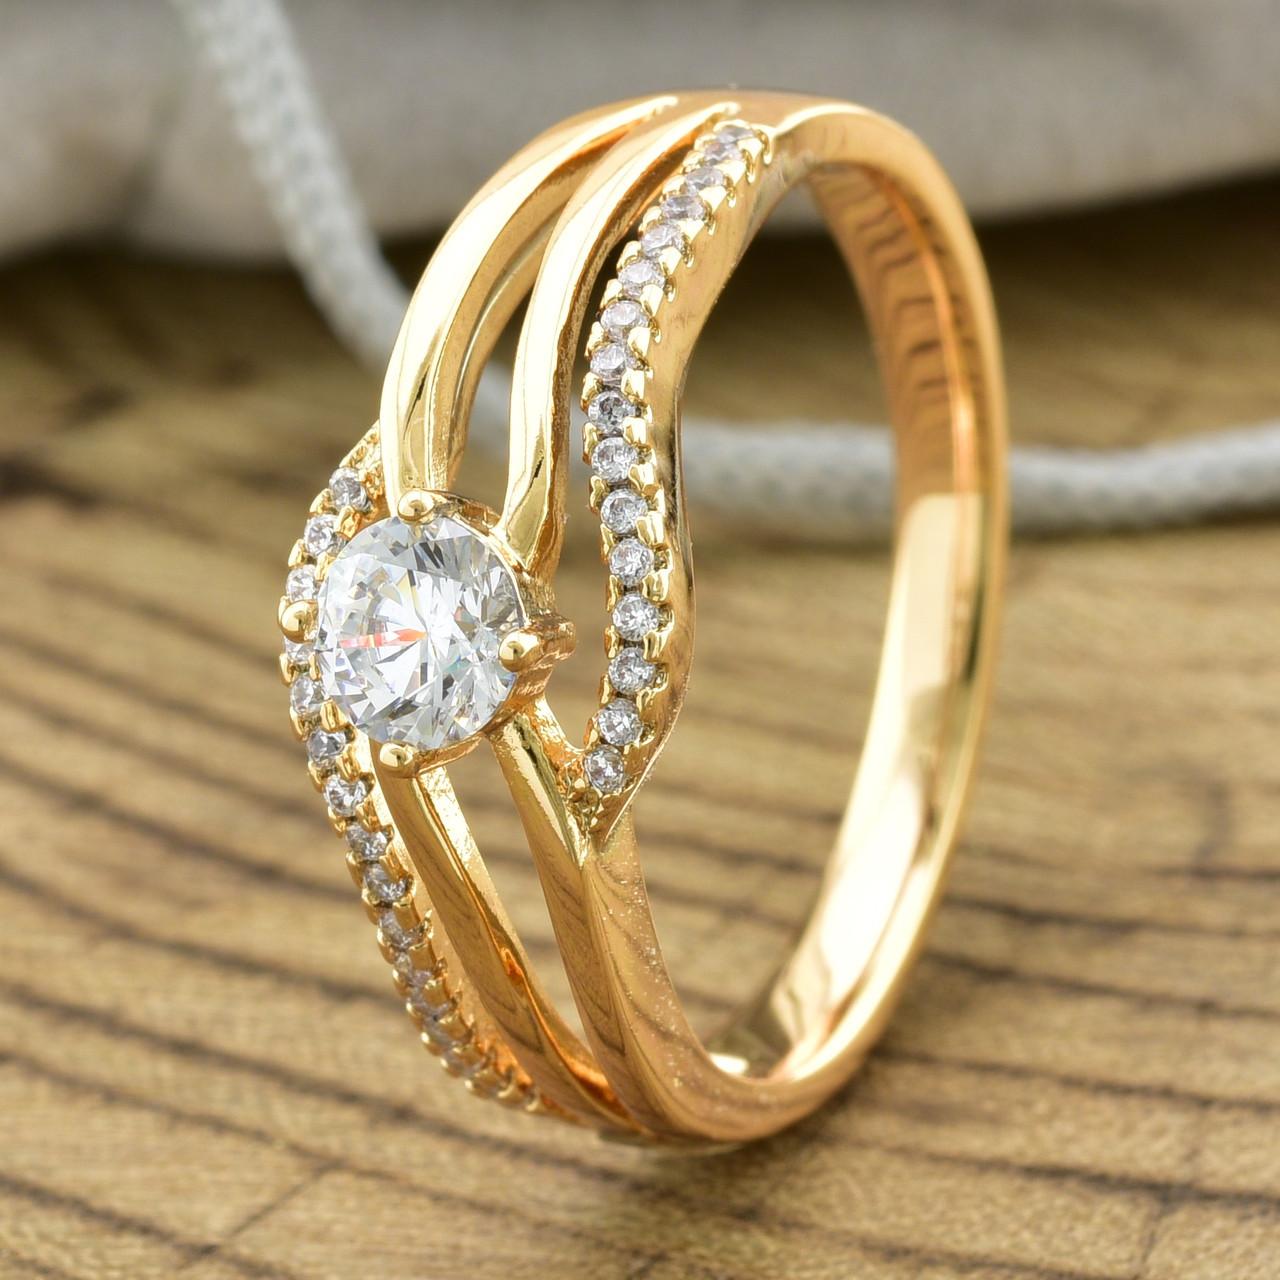 Кольцо Xuping 13941 размер 19 ширина 8 мм вес 3.3 г белые фианиты позолота 18К